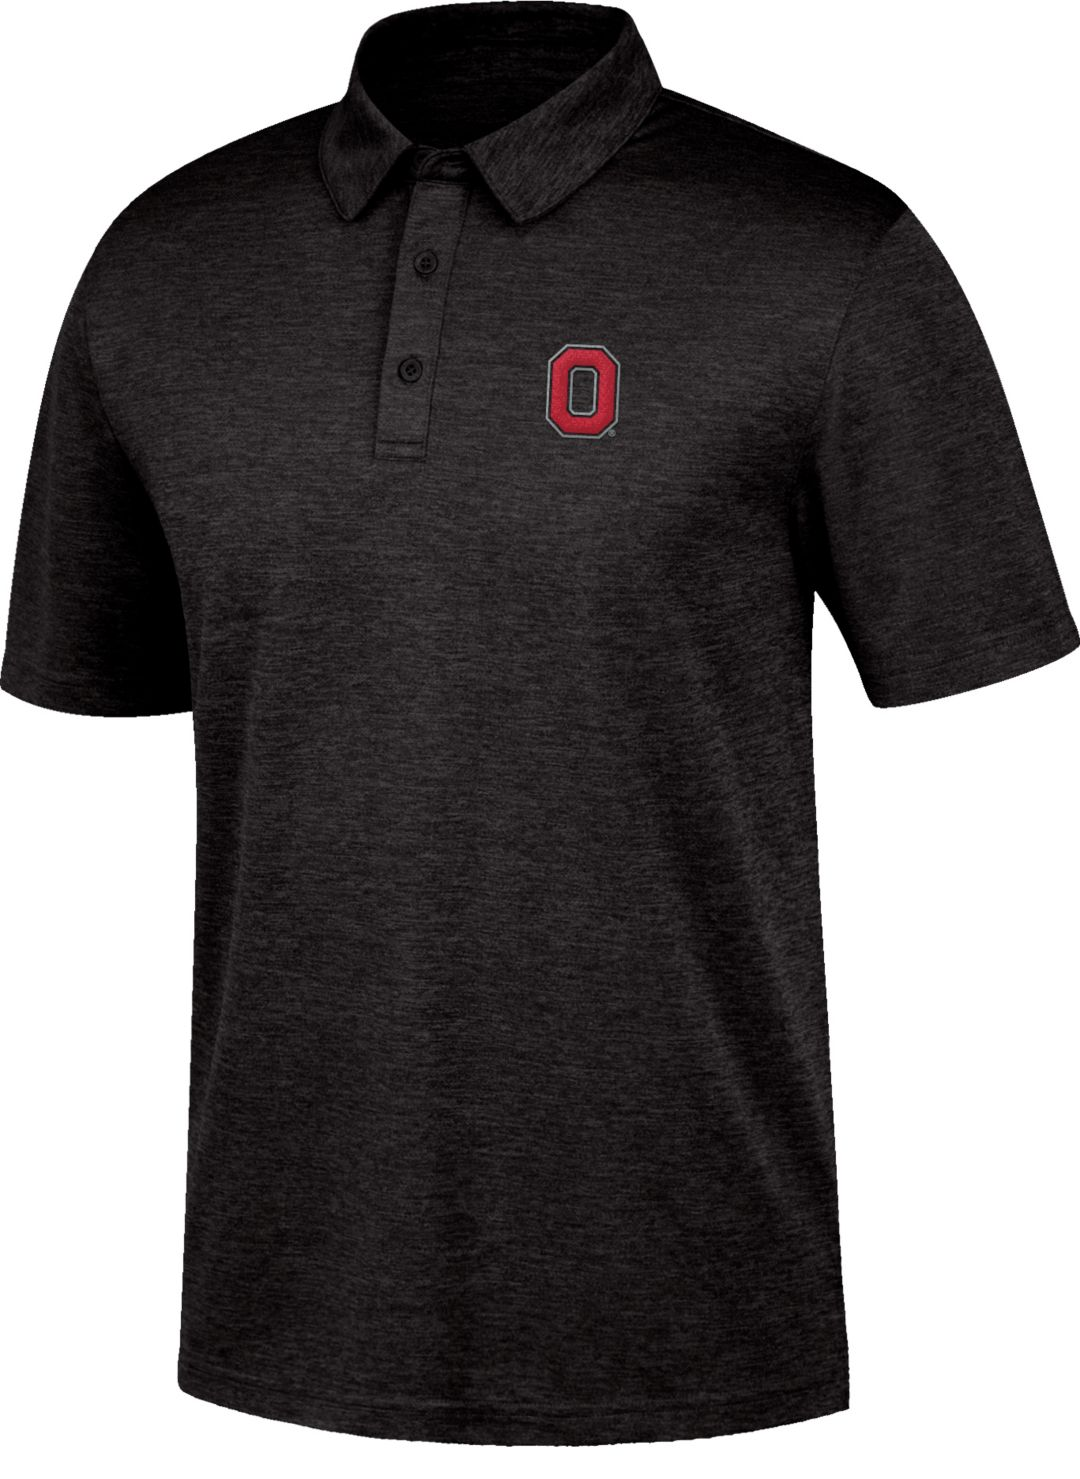 Scarlet & Gray Men's Ohio State Buckeyes Carbon Black Polo